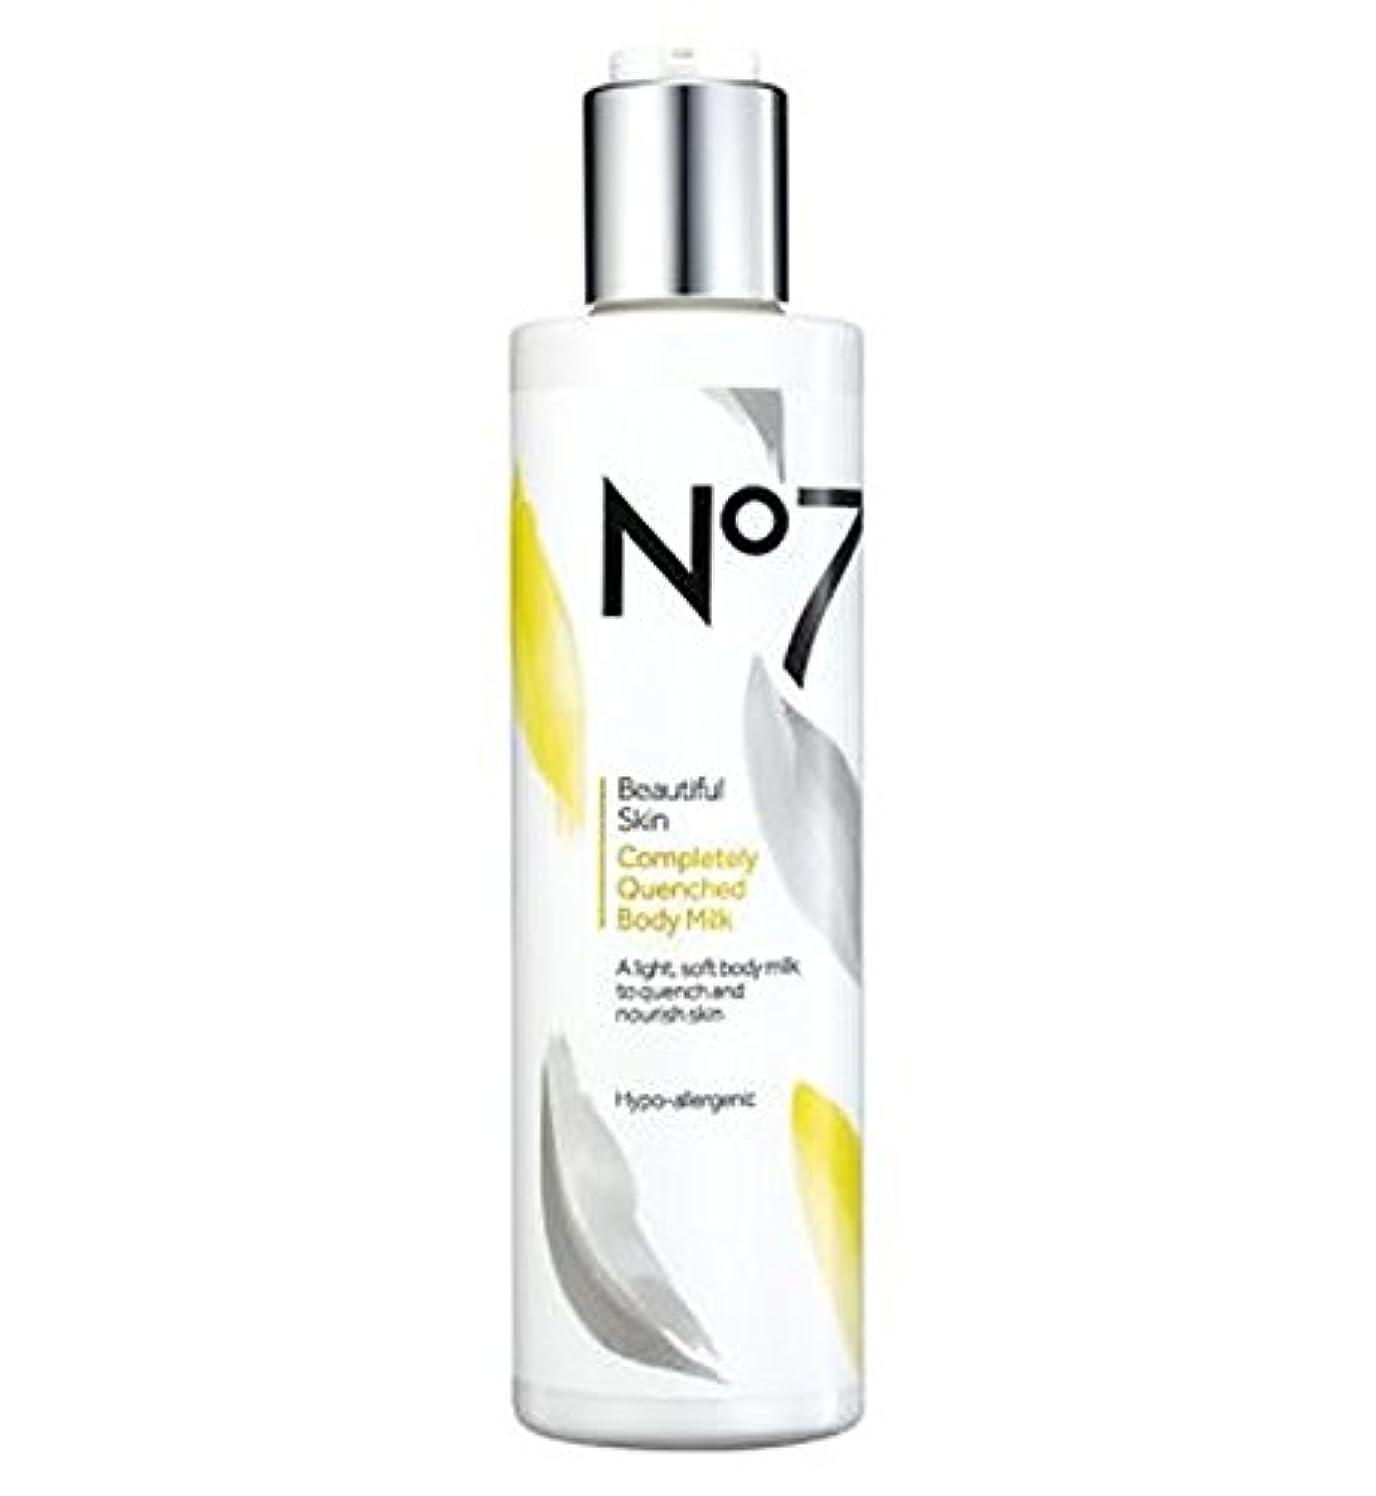 まだら複数第五No7美しい肌完全に急冷ボディミルク (No7) (x2) - No7 Beautiful Skin Completely Quenched Body Milk (Pack of 2) [並行輸入品]